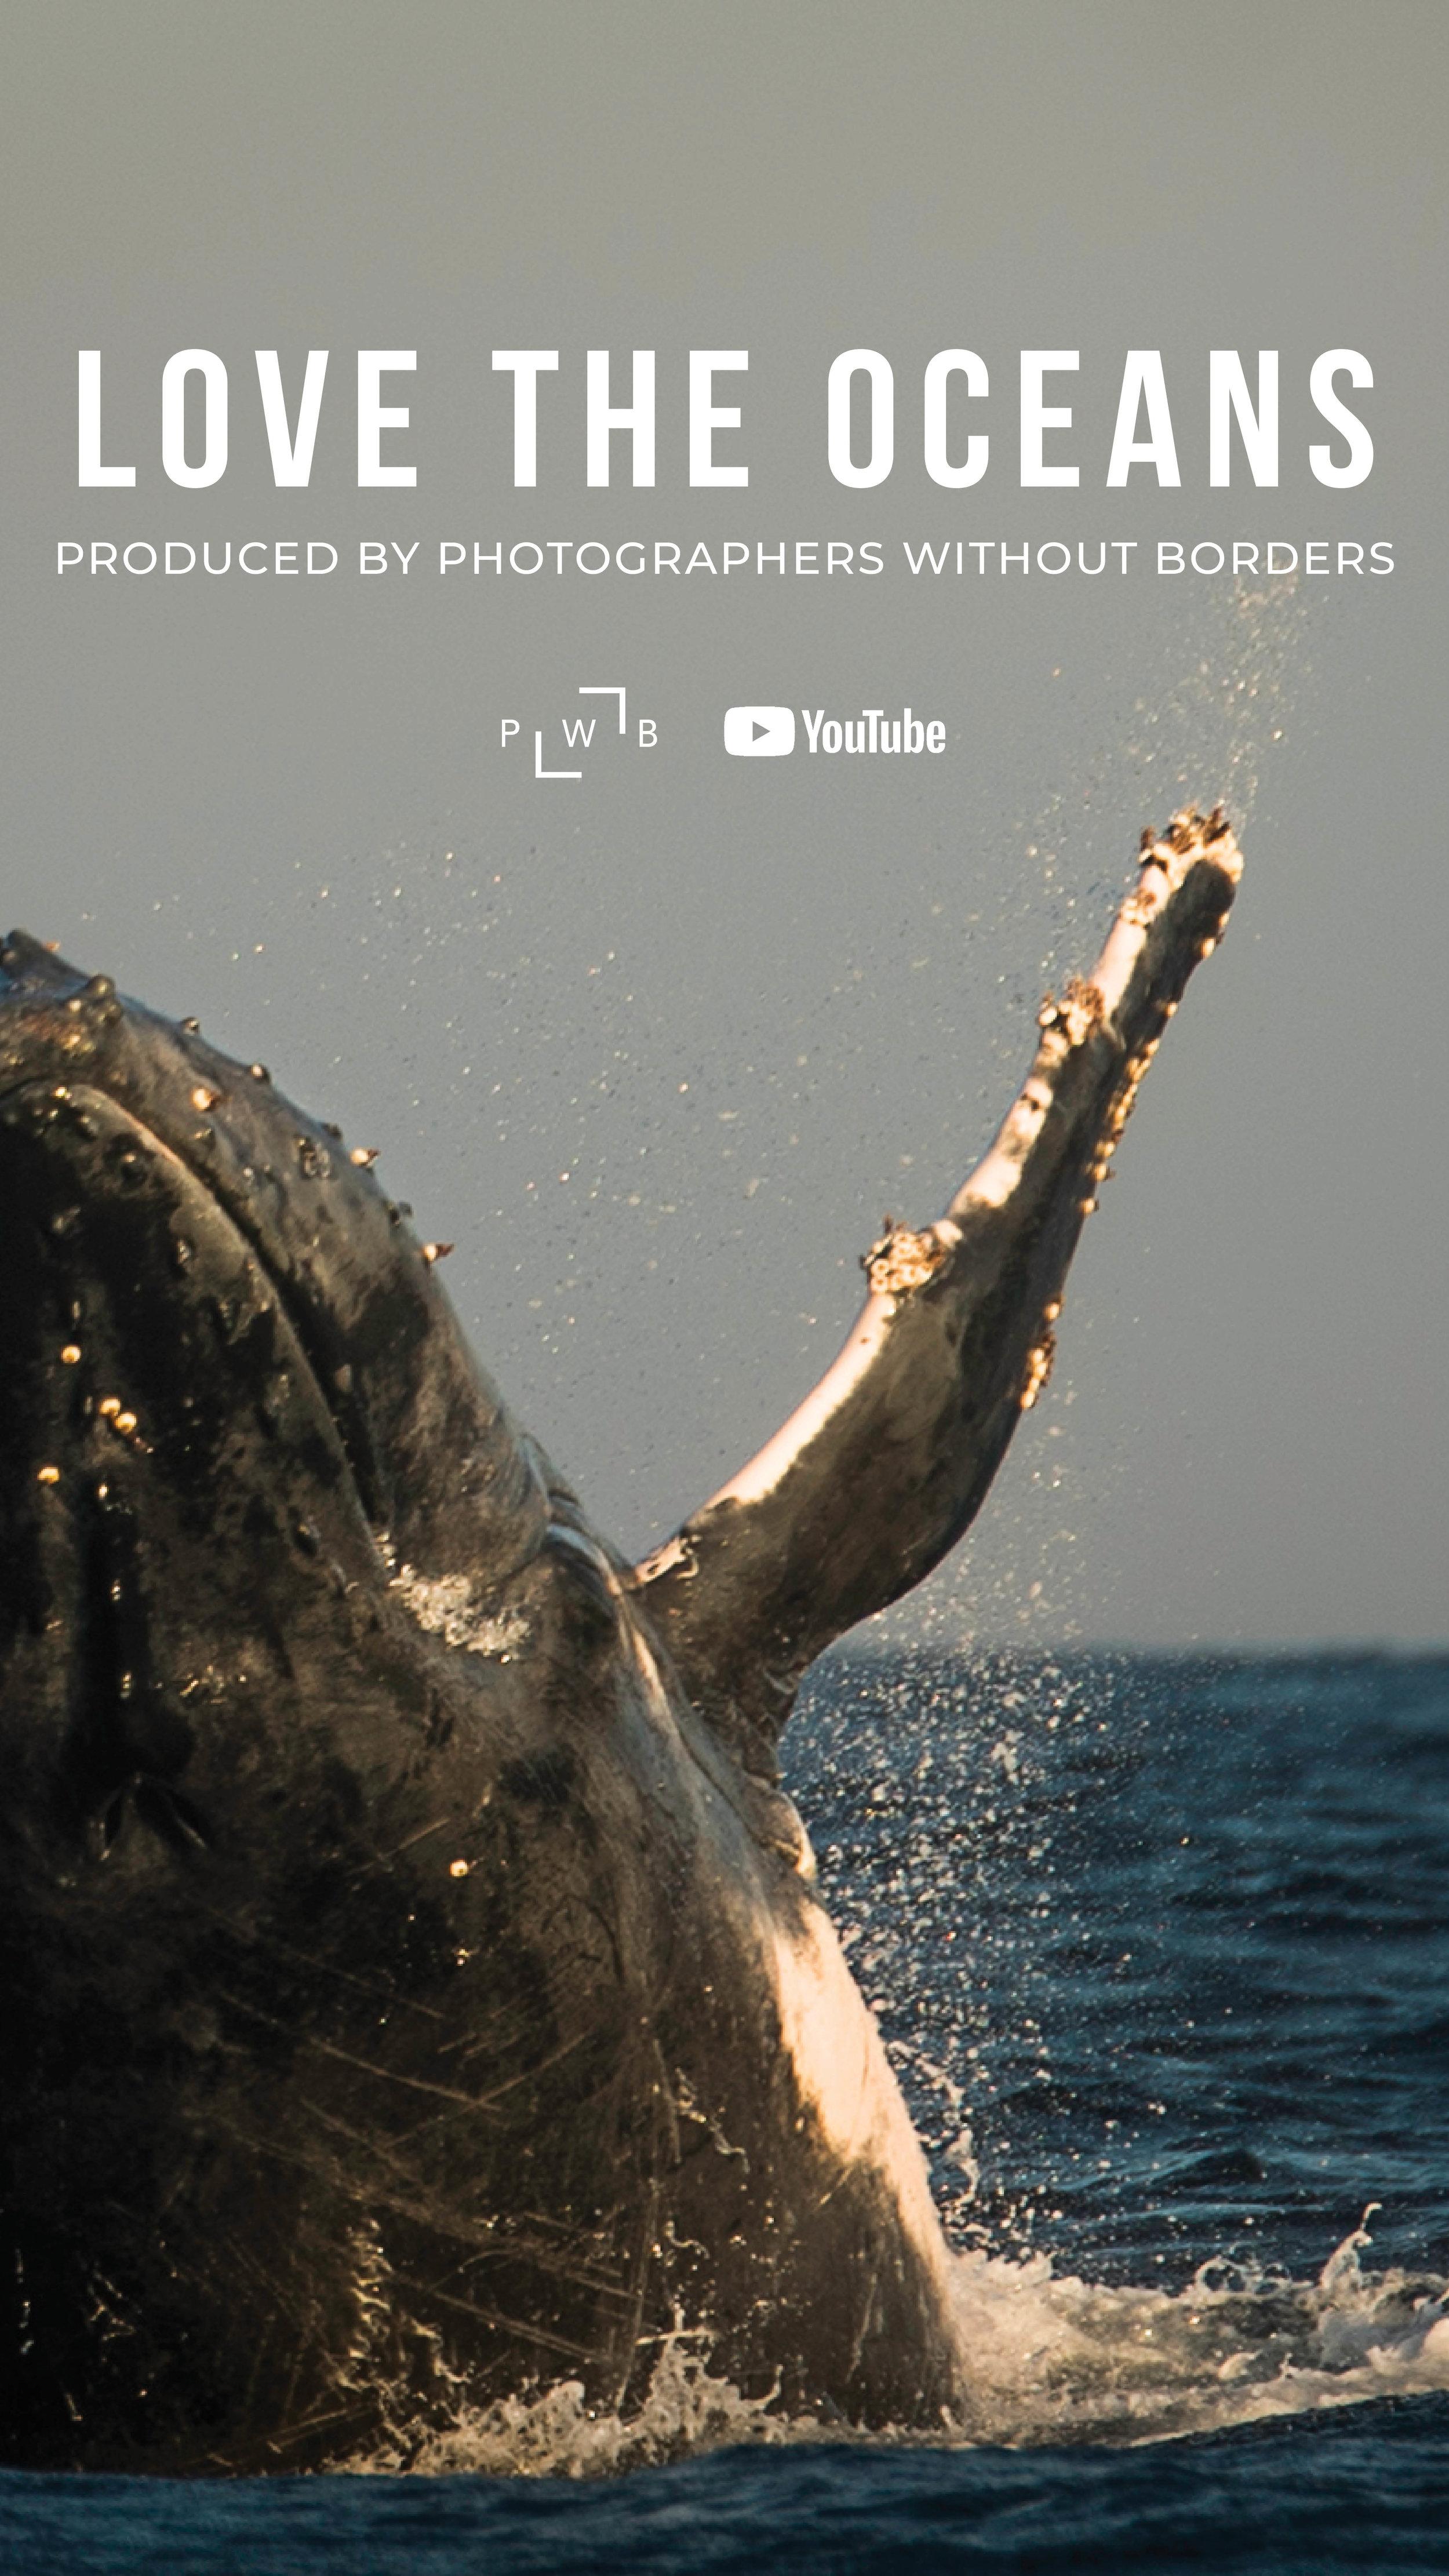 PWBSeries_Love the Oceans_Story4.jpg